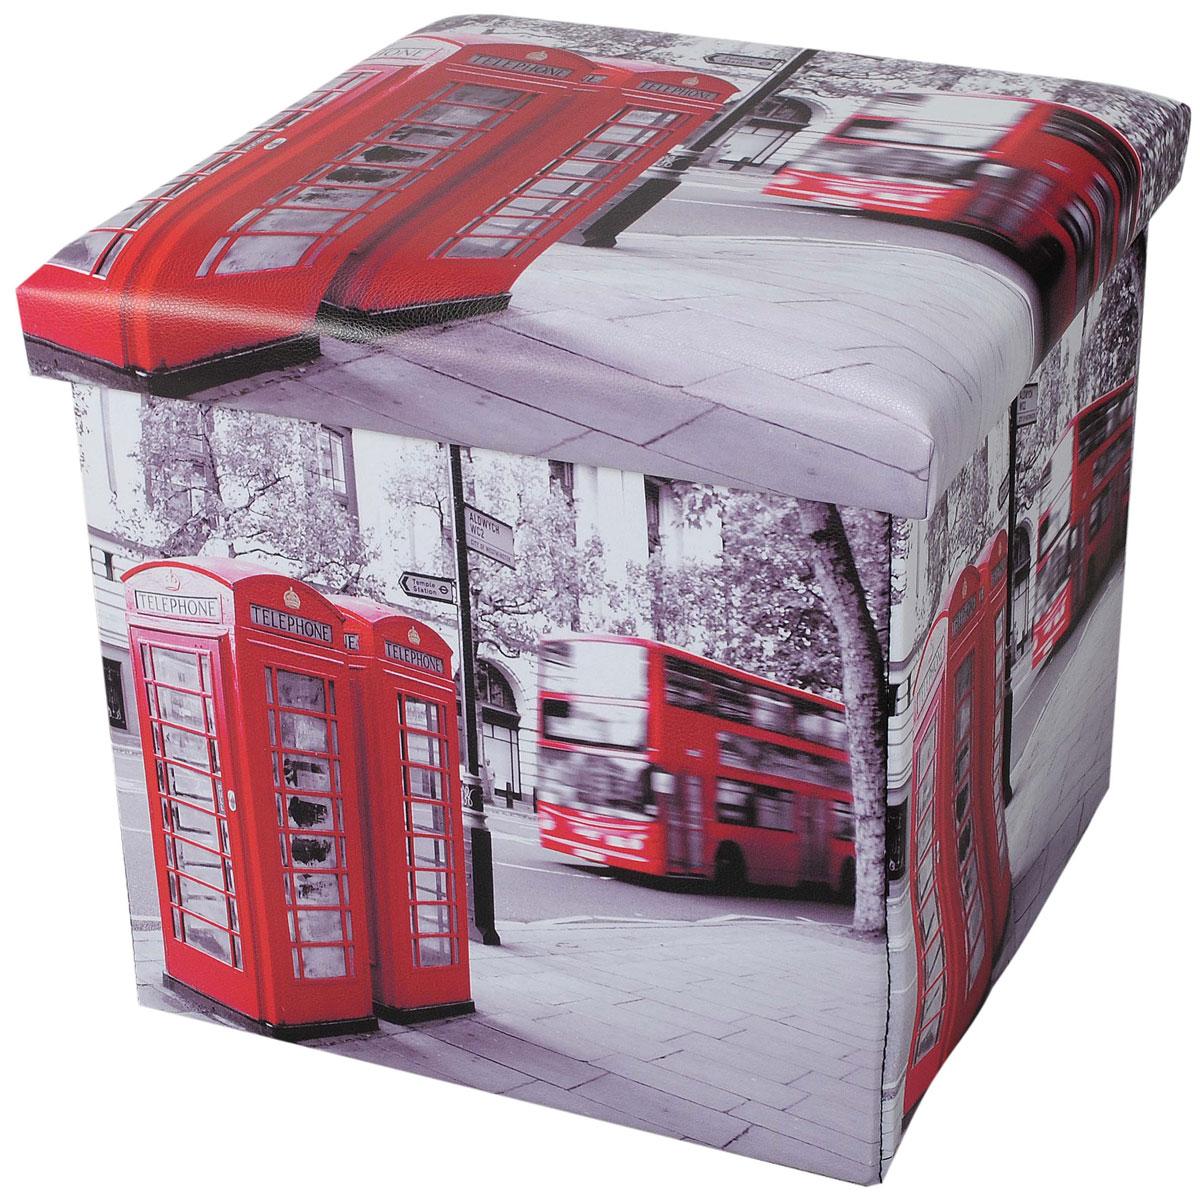 Пуф-короб для хранения HomeMaster Лондон, 38 х 38 х 38 смOT00458Очаровательный пуф-короб для хранения HomeMasterЛондон - удобный, компактный и стильный предметинтерьера. Изделие отличает актуальный дизайн имногофункциональность. На пуфе комфортно сидеть - онвыдерживает вес до 90 кг.Верхняя часть пуфа представляет собой съемнуюмягкую крышку. Внутри можно хранить небольшиепредметы домашнего обихода. Пуф-короб складной,благодаря чему его удобно хранить и перевозить.Такой пуф-короб займет достойное место в вашейгостиной или прихожей, а яркий рисунок с ноткамилондонских мотивов впишется практически в любойинтерьер.